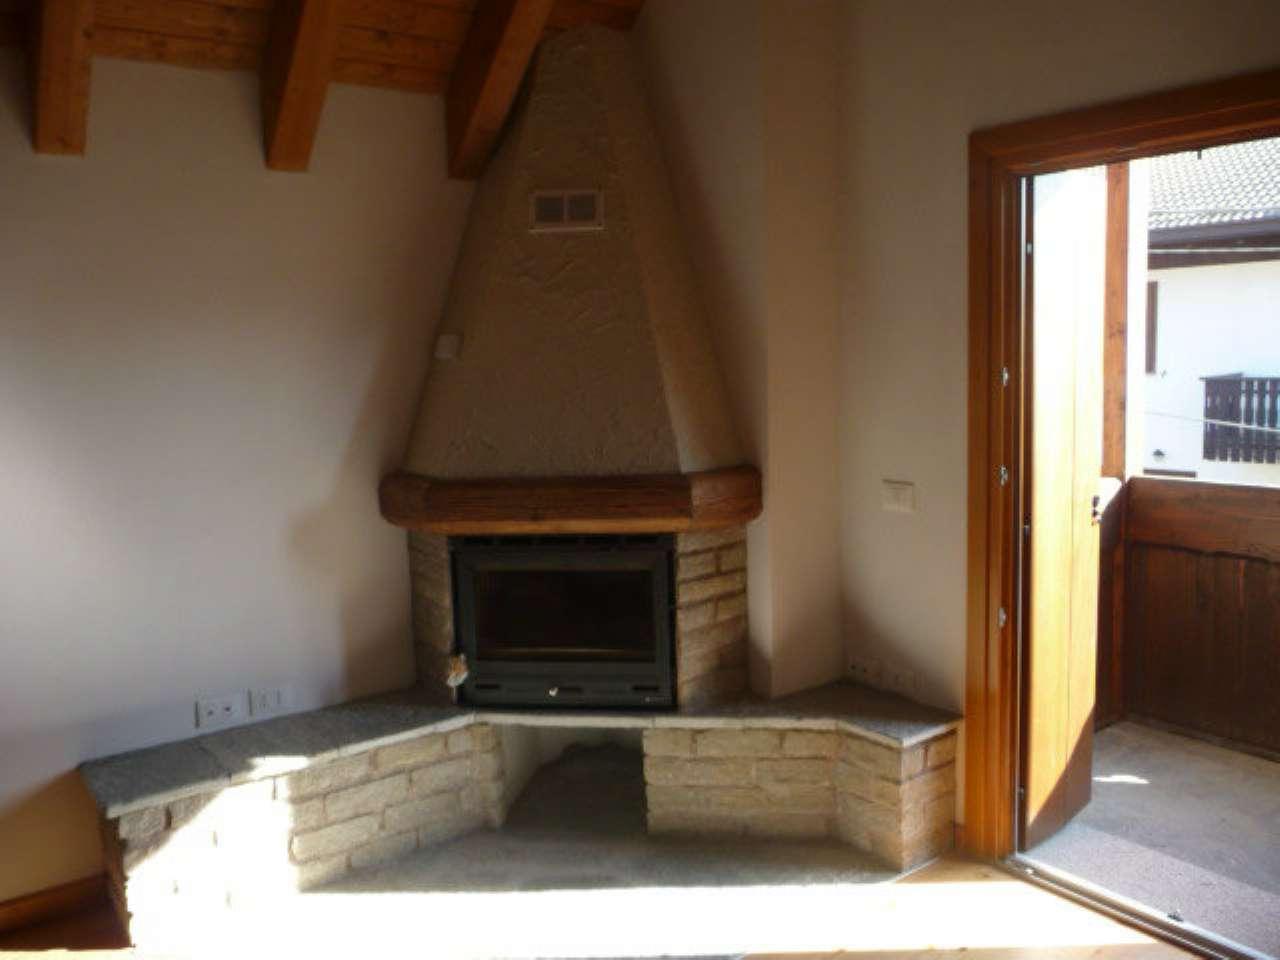 Appartamento in vendita a Borno, 4 locali, prezzo € 115.000 | CambioCasa.it